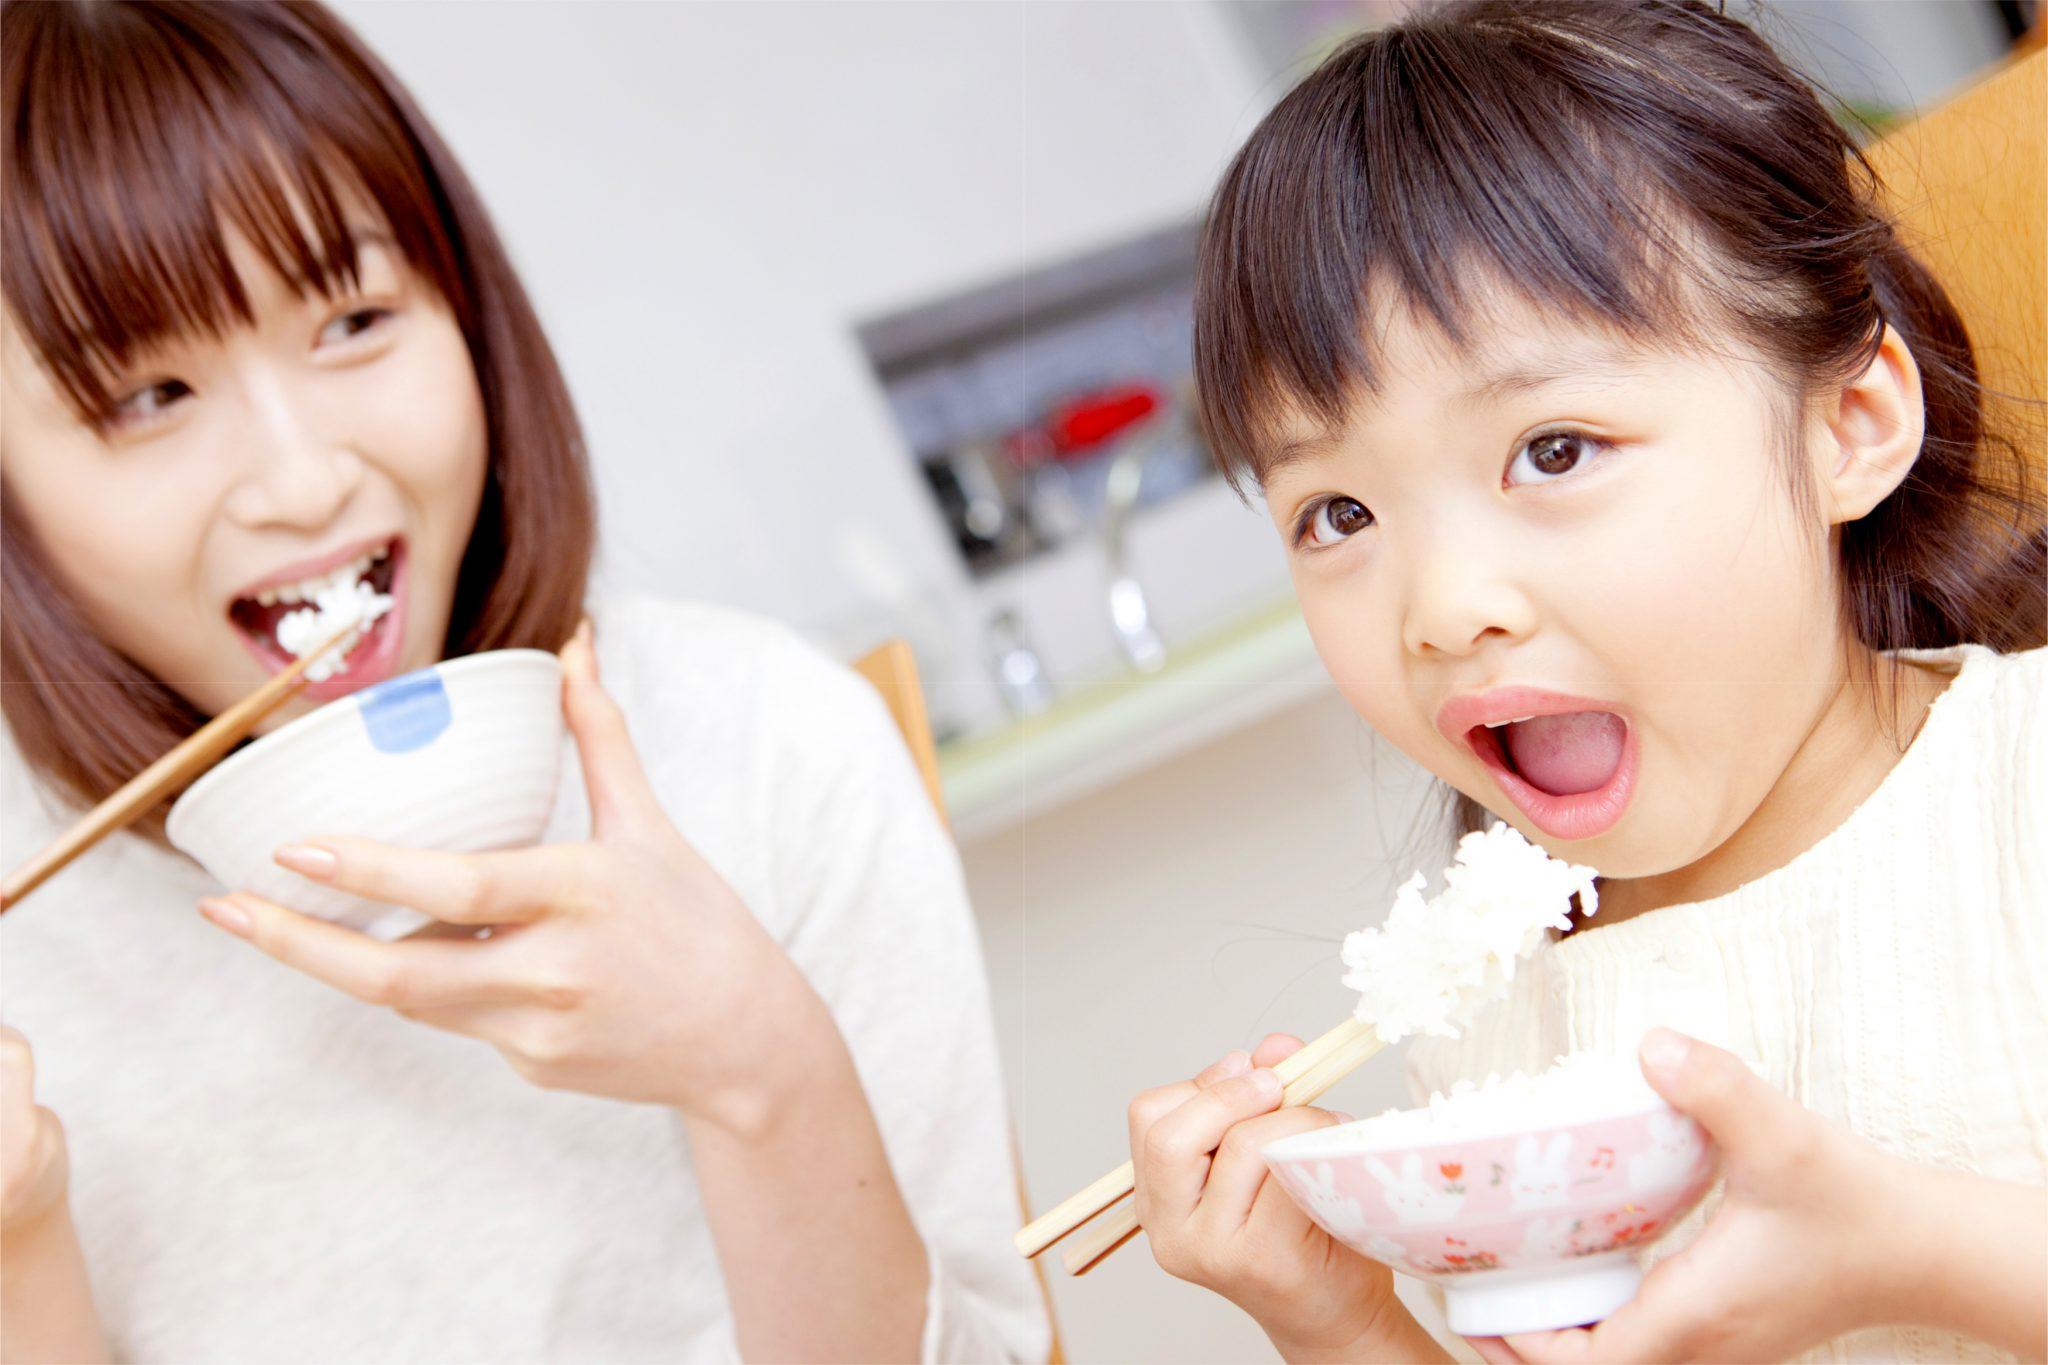 お米を食べているお母さんと娘